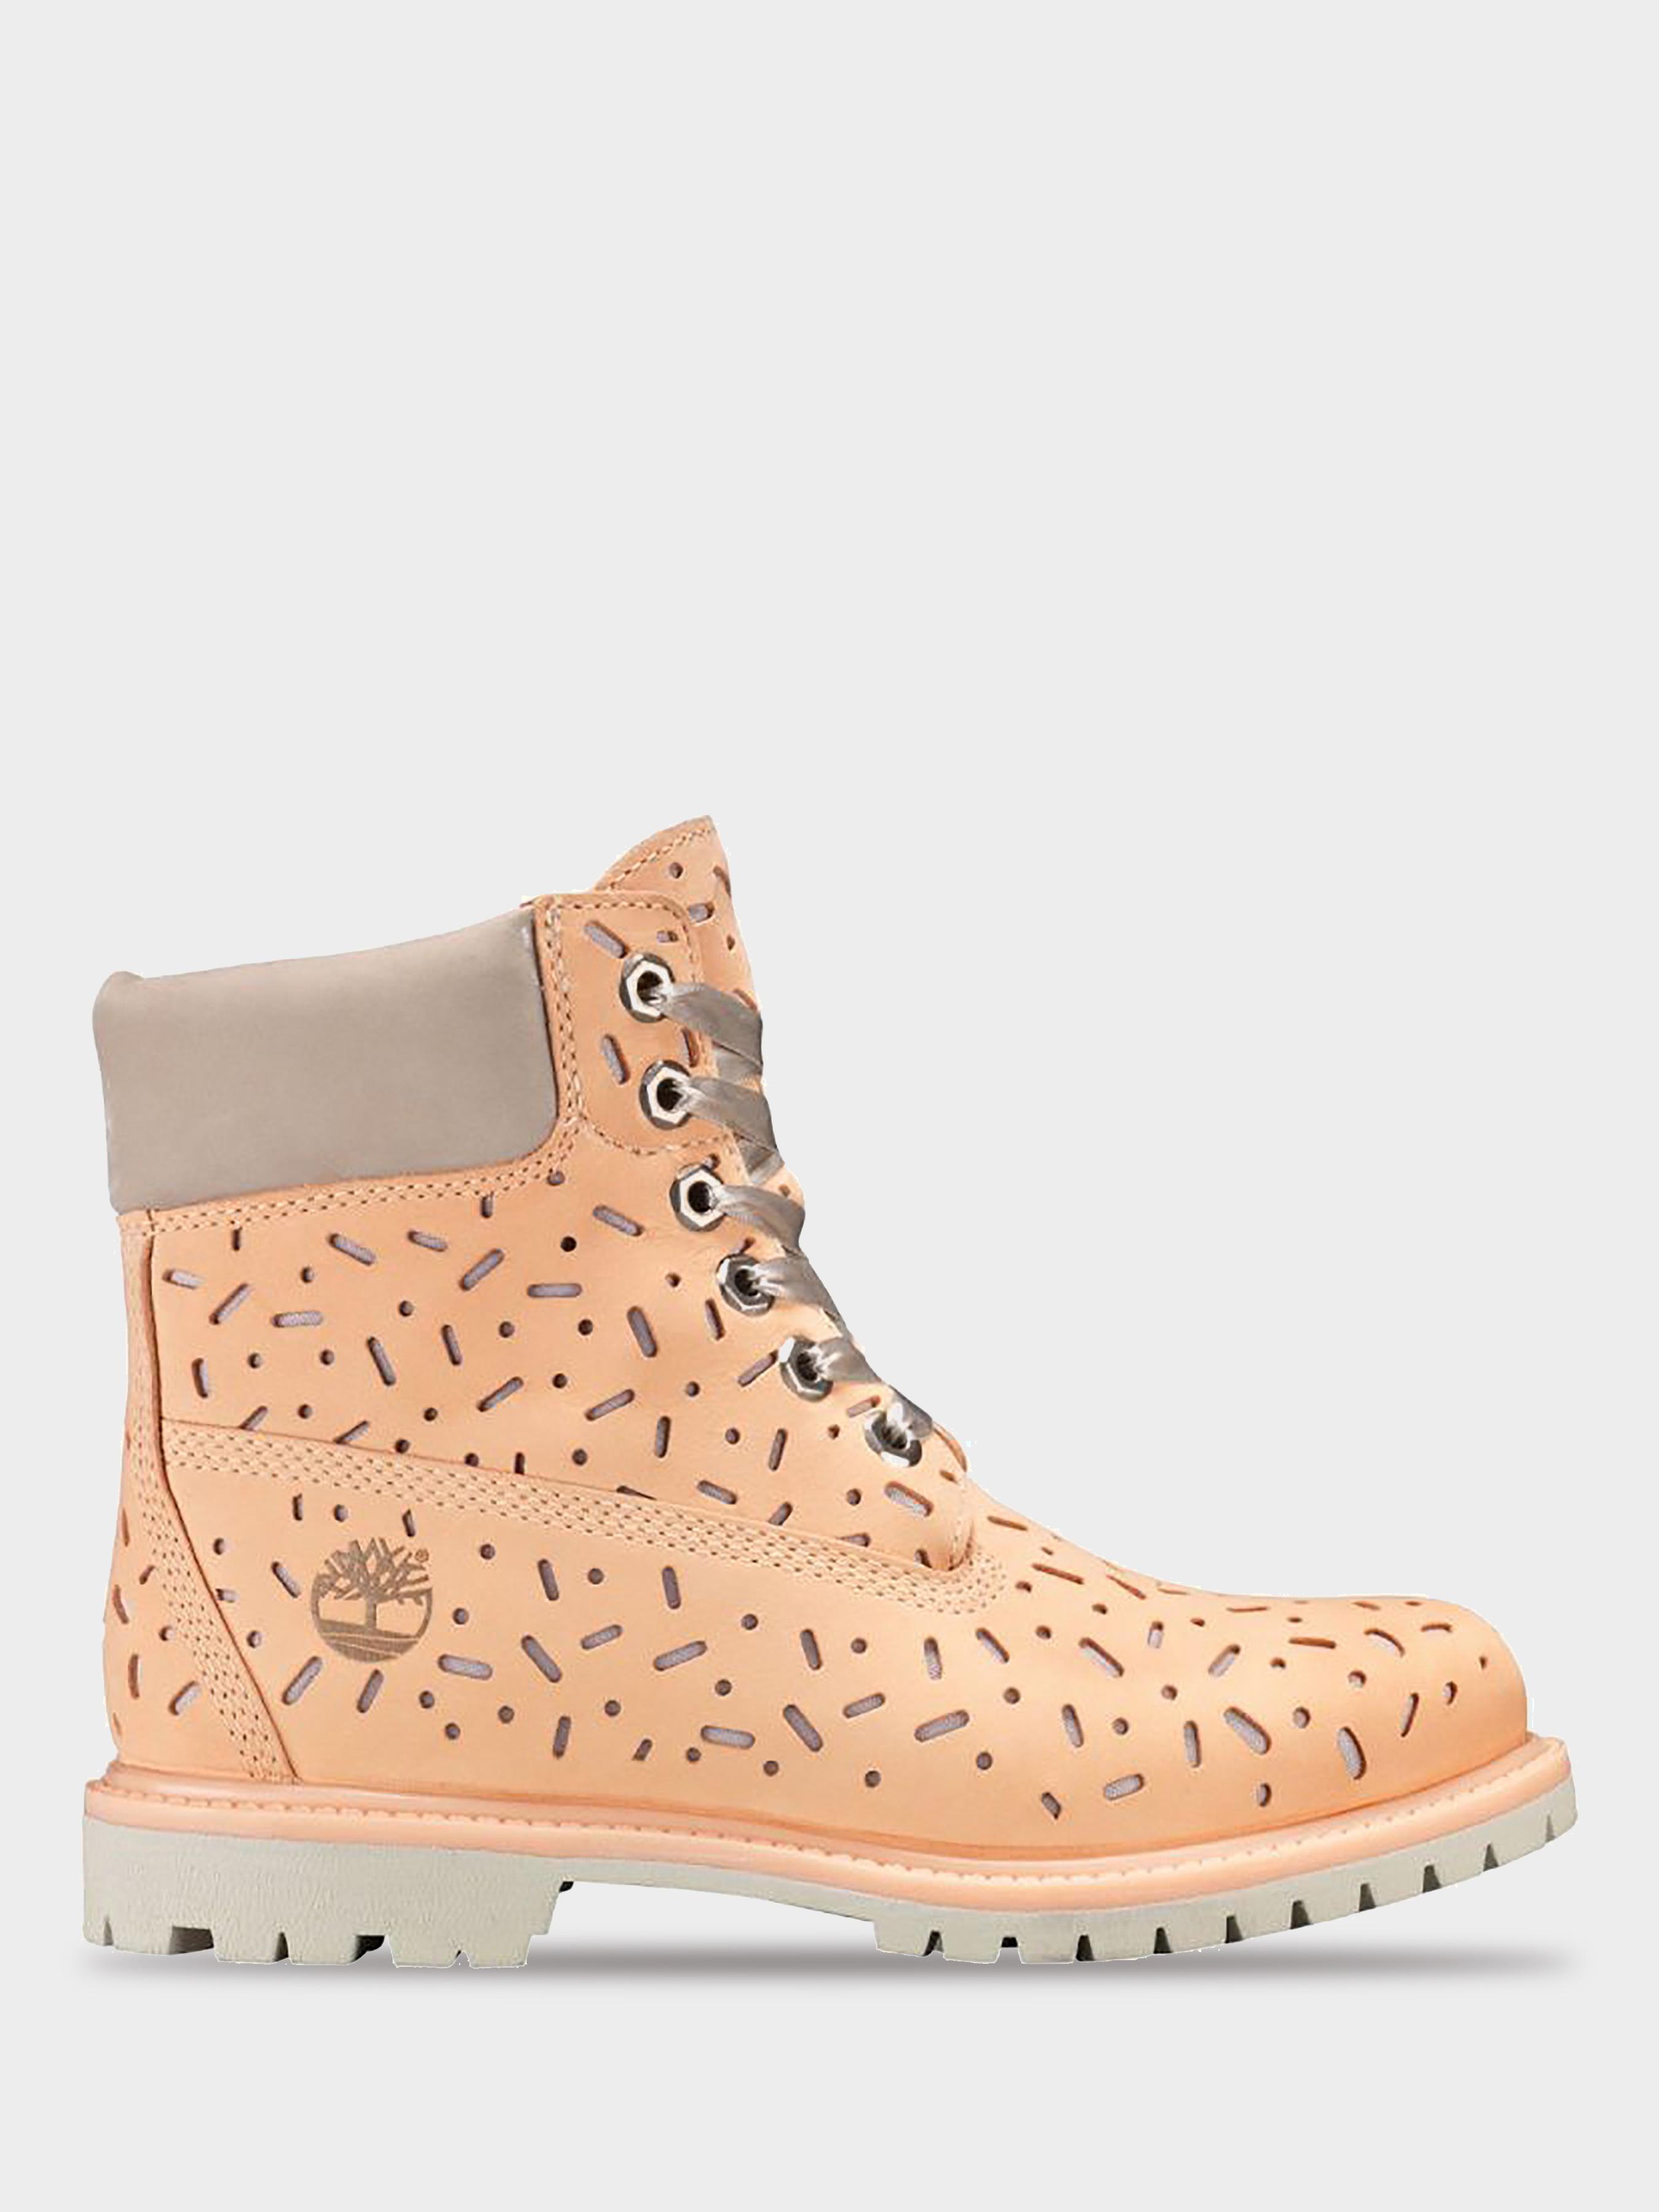 Купить Ботинки женские Timberland Timberland Premium TG2169, Бежевый